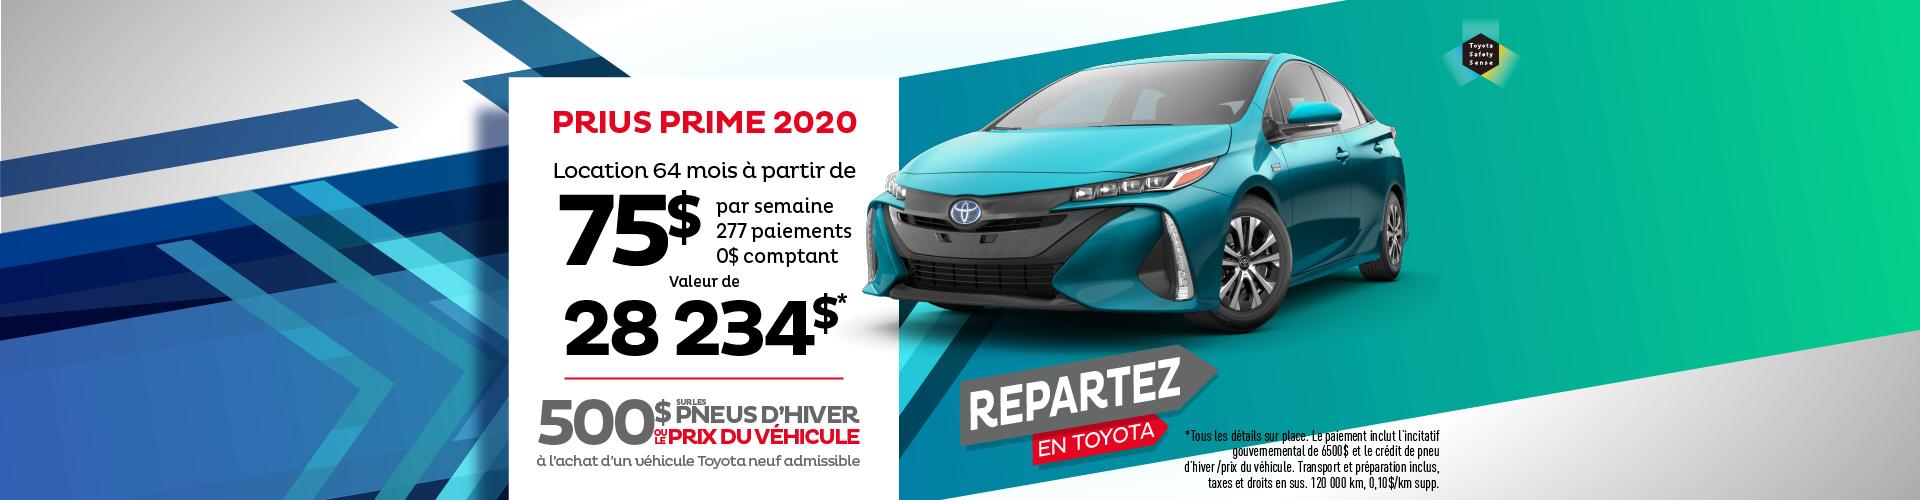 Prius Prime - sept 2020